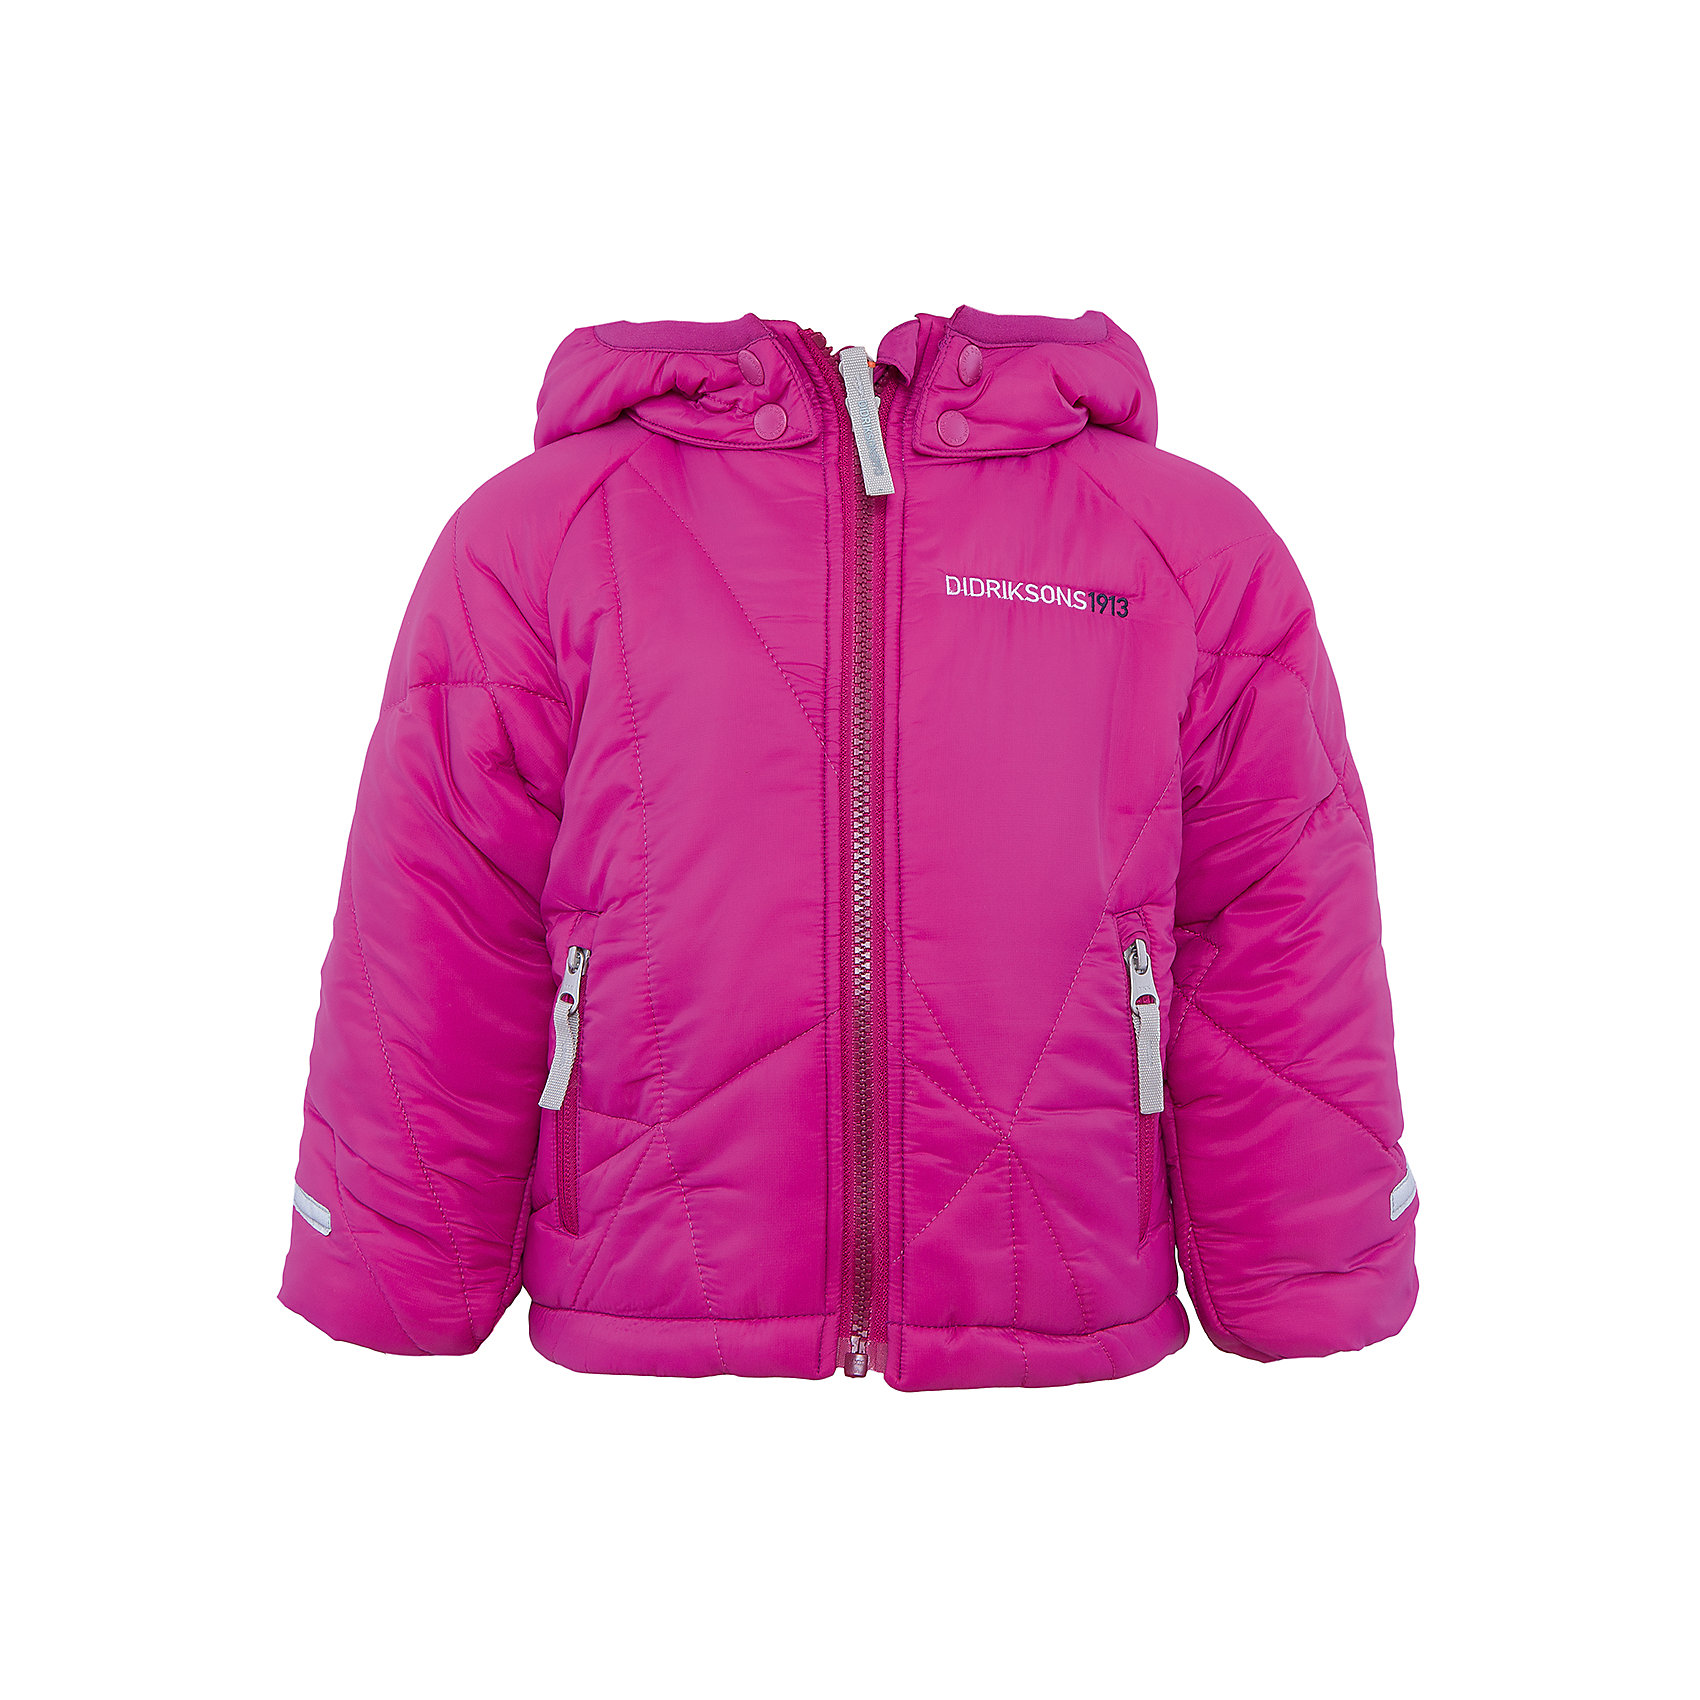 Куртка Coddi для девочки DIDRIKSONSВерхняя одежда<br>Характеристики товара:<br><br>• цвет: фиолетовый<br>• материал: 100% полиамид, подкладка 100% полиэстер<br>• утеплитель: 240 г/м<br>• сезон: зима<br>• температурный режим от +5 до -20С<br>• дополнительная пропитка верха<br>• съемный капюшон<br>• фронтальная молния <br>• светоотражающие детали<br>• можно увеличить длину рукавов на один размер <br>• страна бренда: Швеция<br>• страна производства: Бангладеш<br><br>Такая куртка поможет малышам наслаждаться зимним отдыхом даже в морозы! Это не только стильно, но еще и очень комфортно, а также тепло. Эта качественная куртка обеспечит ребенку удобство при прогулках и активном отдыхе зимой. Такая модель от шведского производителя легко трансформируется под рост ребенка и погодные условия.<br>Куртка сшита из легкого материала с дополнительной пропиткой. Очень стильная и удобная модель! Изделие качественно выполнено, сделано из безопасных для детей материалов. <br><br>Куртку для девочки от бренда DIDRIKSONS можно купить в нашем интернет-магазине.<br><br>Ширина мм: 356<br>Глубина мм: 10<br>Высота мм: 245<br>Вес г: 519<br>Цвет: фиолетовый<br>Возраст от месяцев: 108<br>Возраст до месяцев: 120<br>Пол: Женский<br>Возраст: Детский<br>Размер: 140,80,100,110,120,130<br>SKU: 5043926